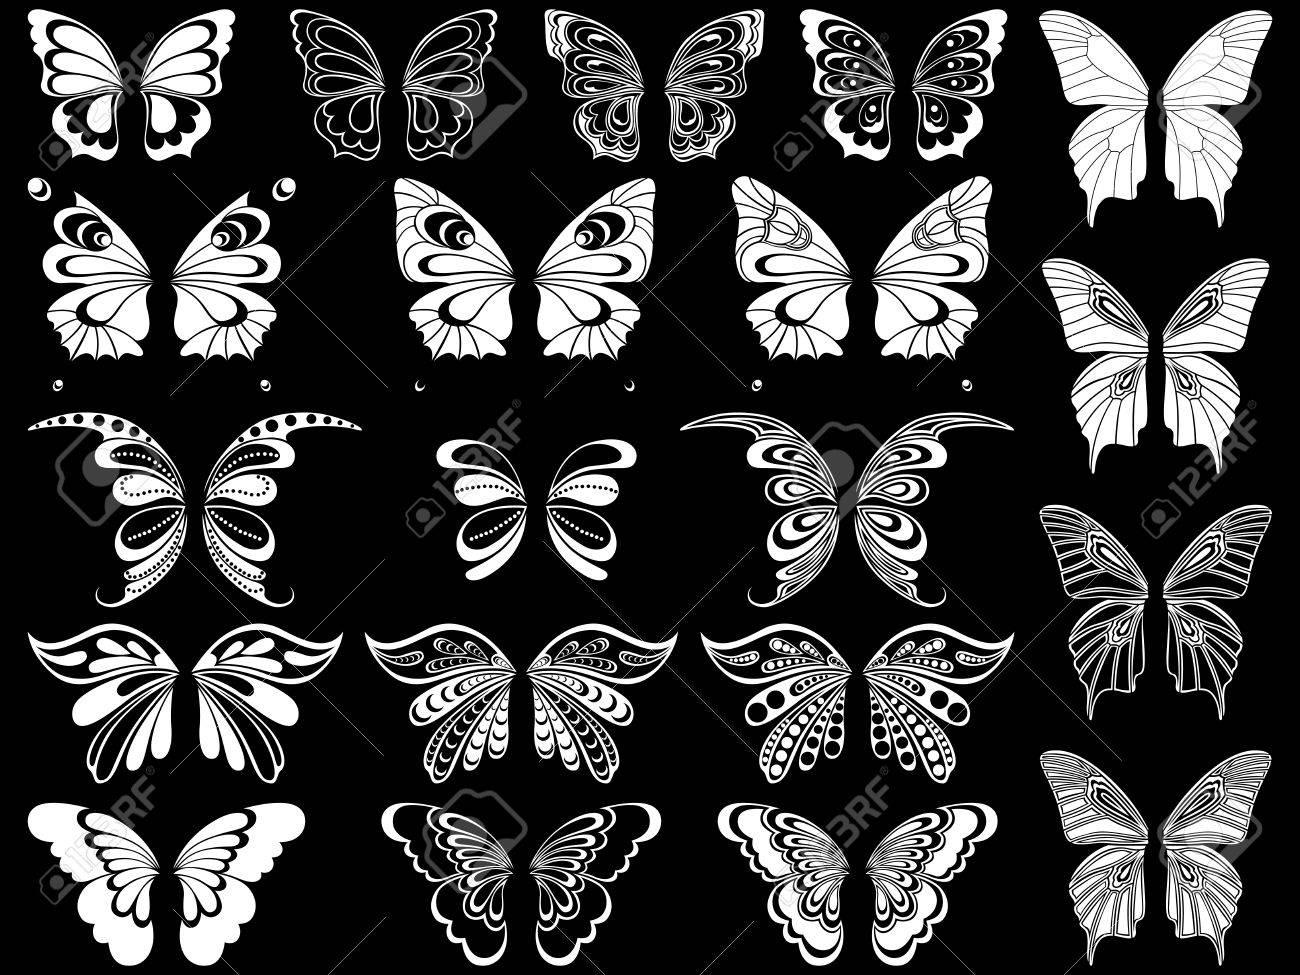 Set Von Zwanzig Weiße Zier Schablonen Der Schönen Schmetterlinge Auf ...